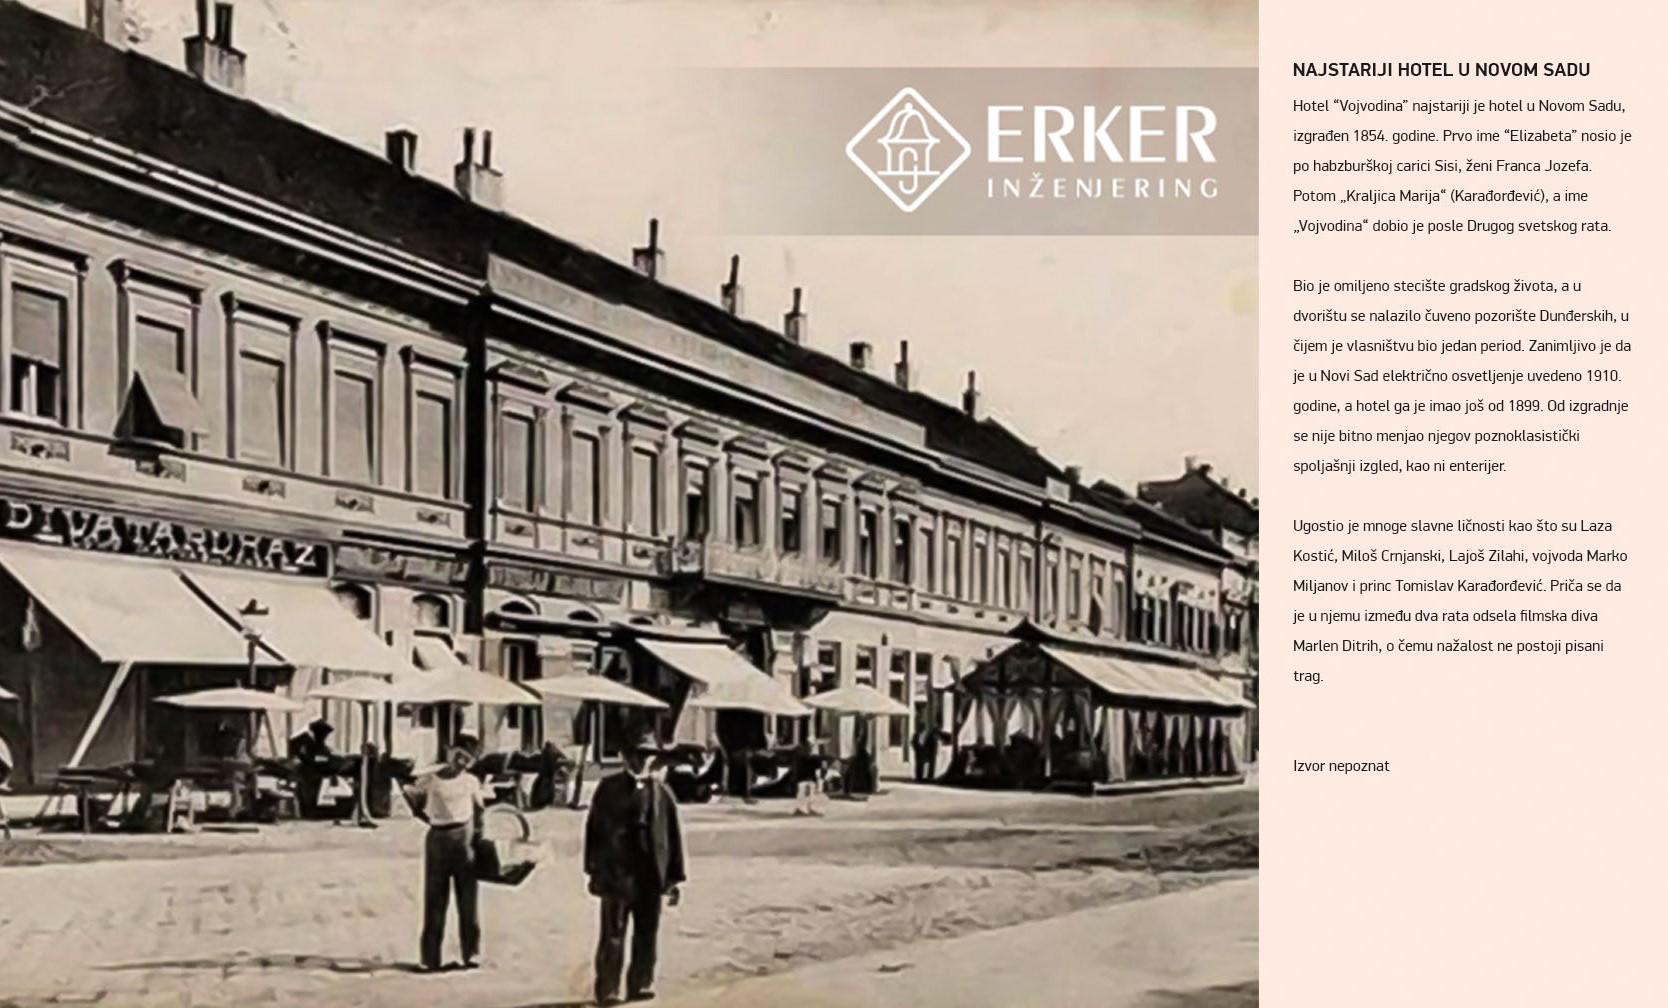 Najstariji hotel u Novom Sadu